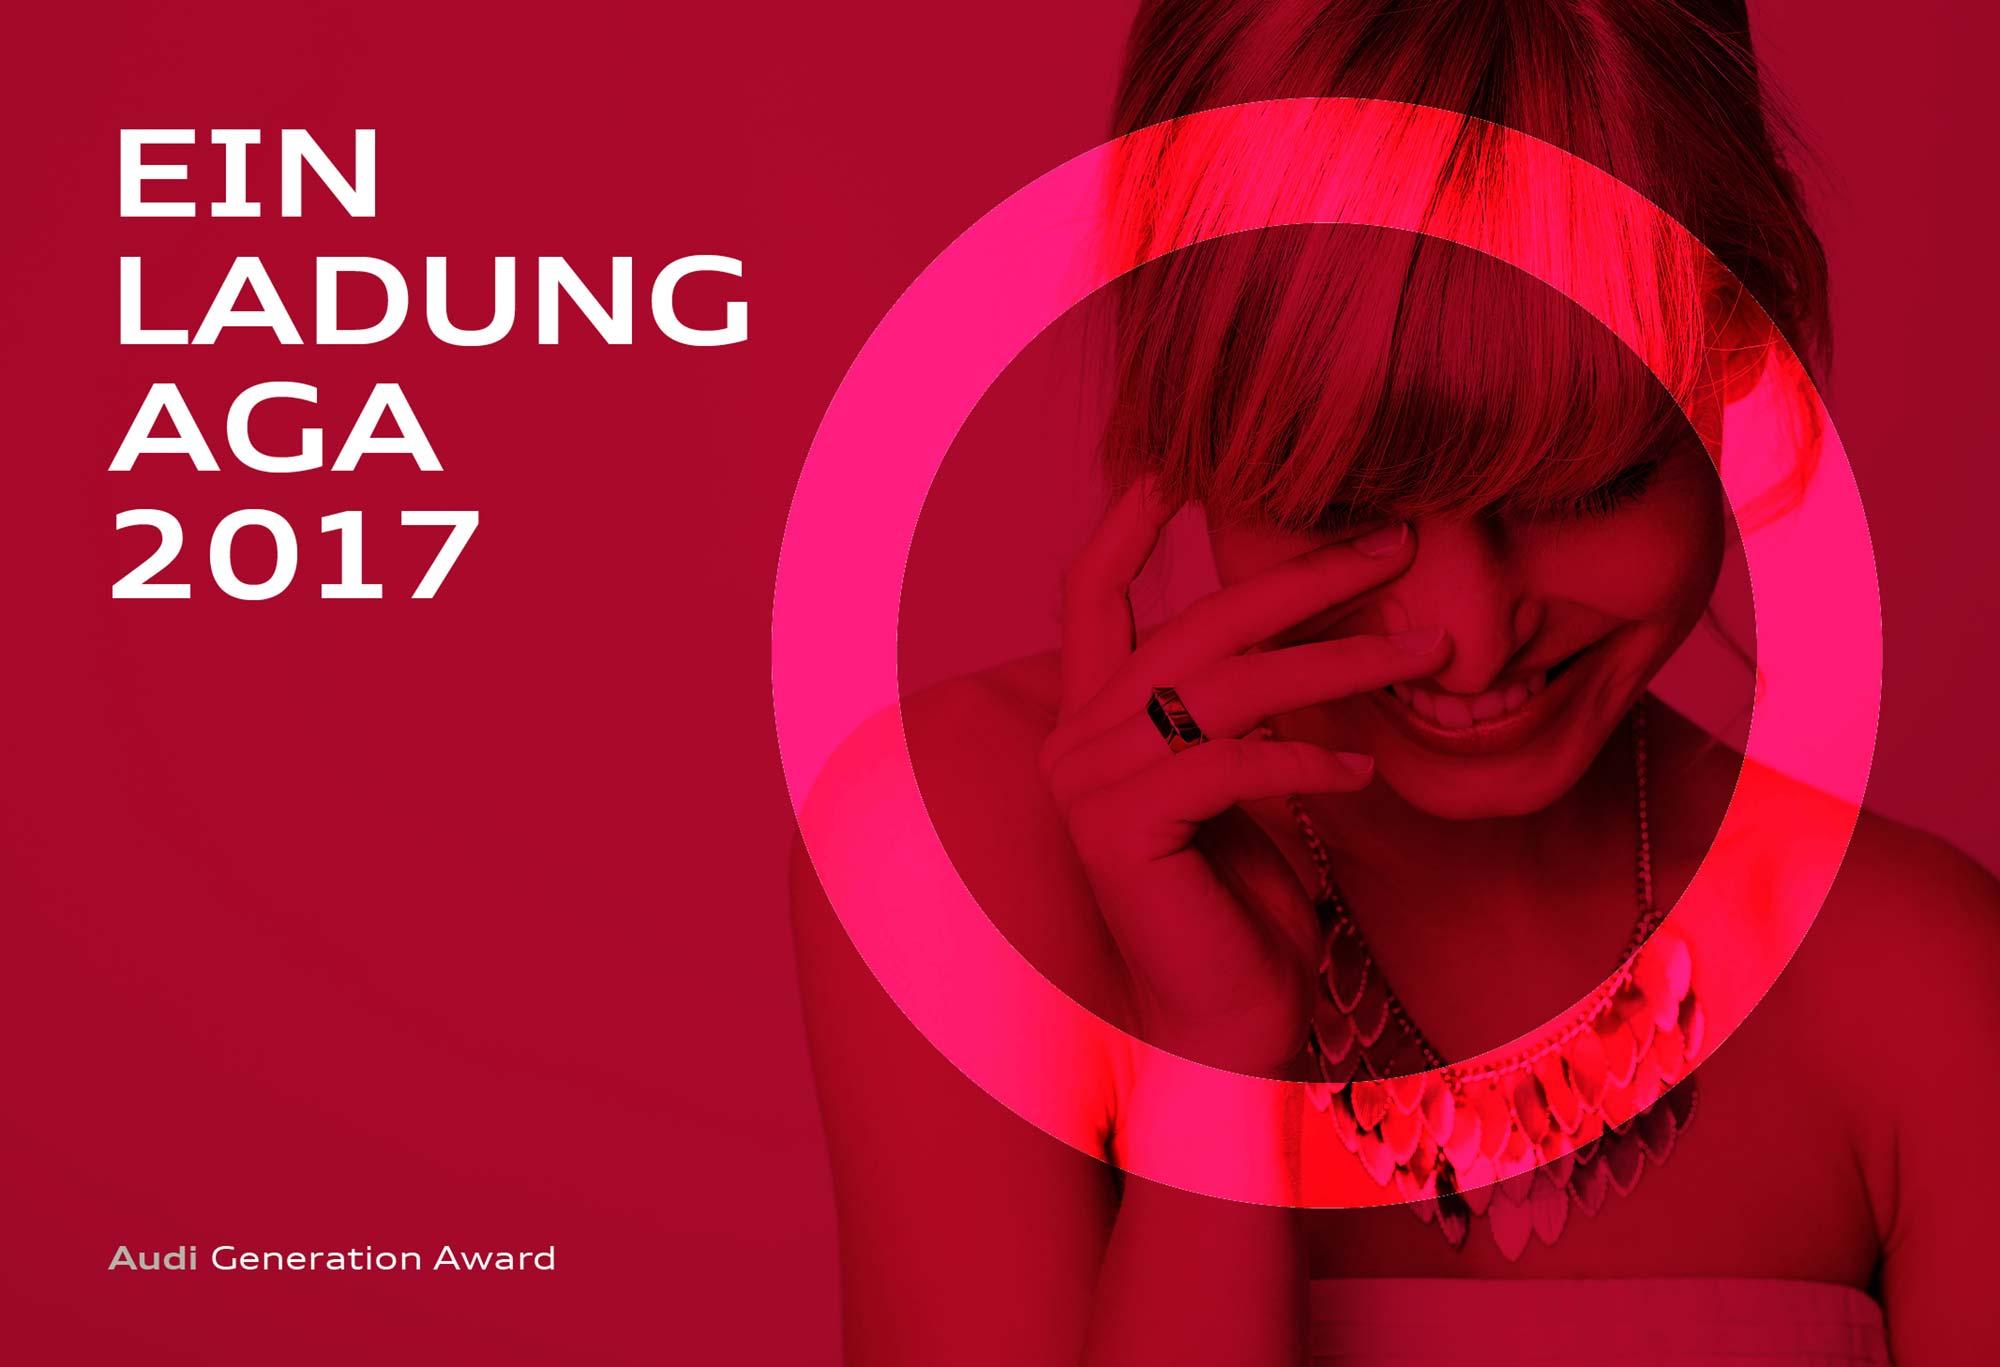 Designvorschlag einer Einladung für den Audi Generation Award